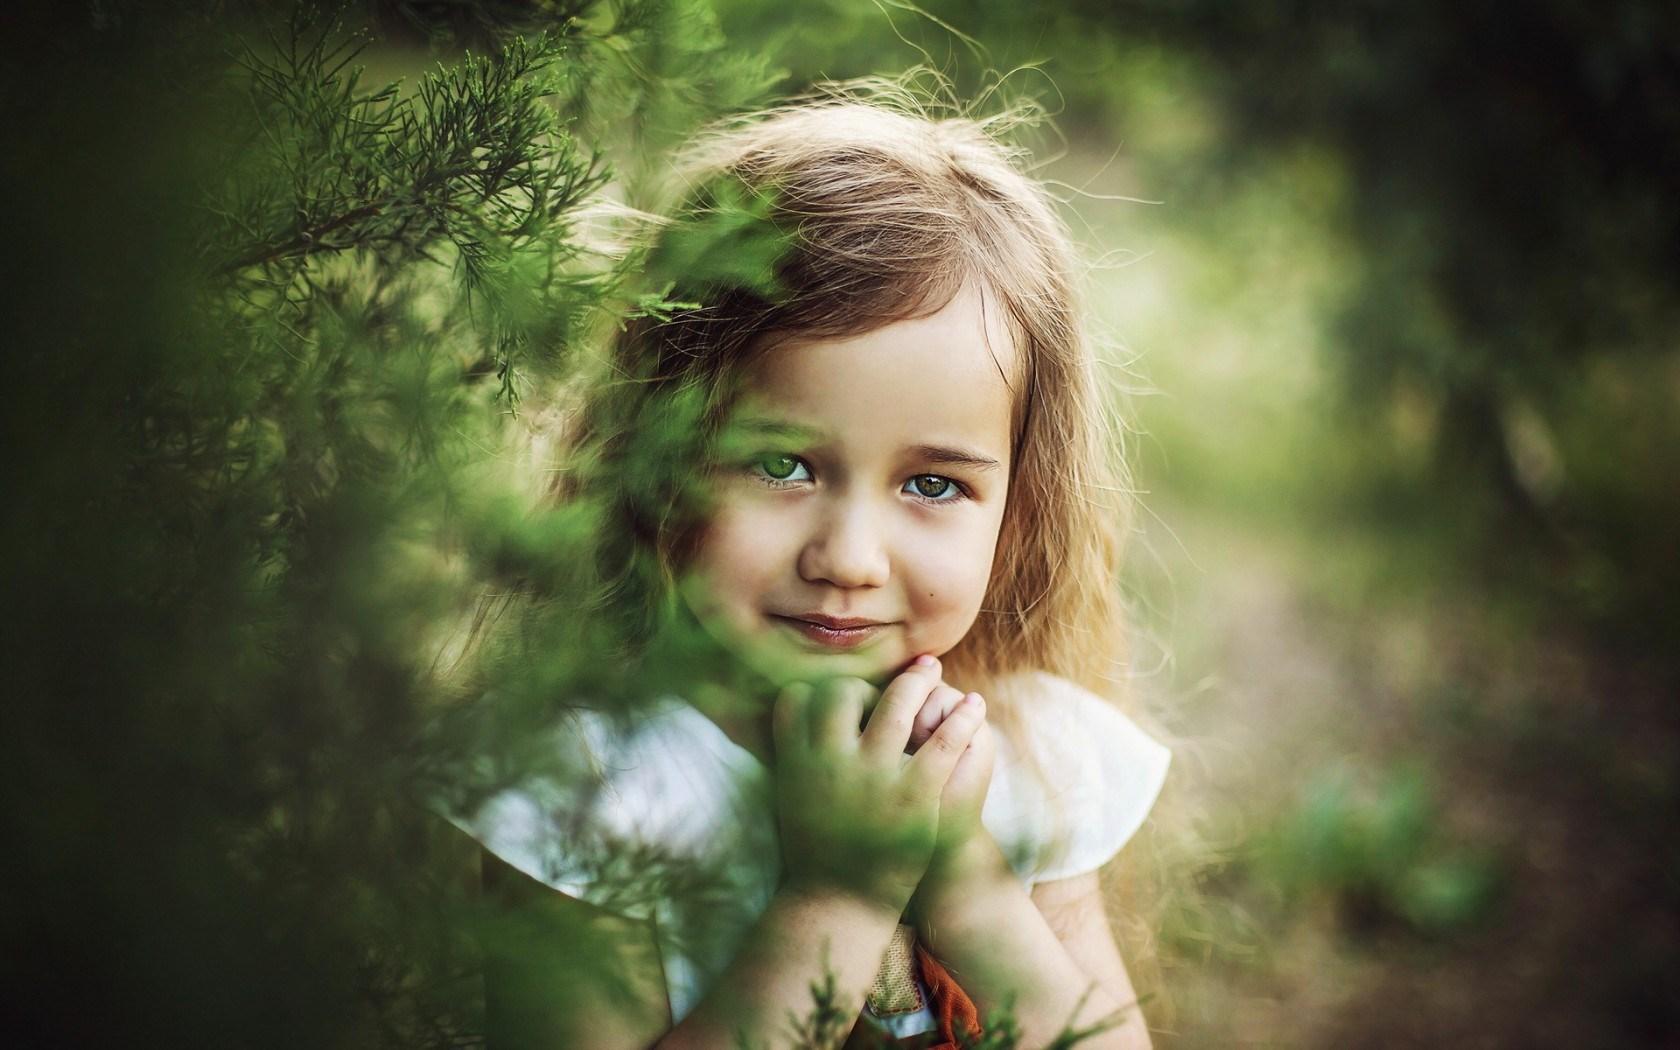 صور خلفيات ورمزيات بنات صغار روعة وجميلة HD (19)